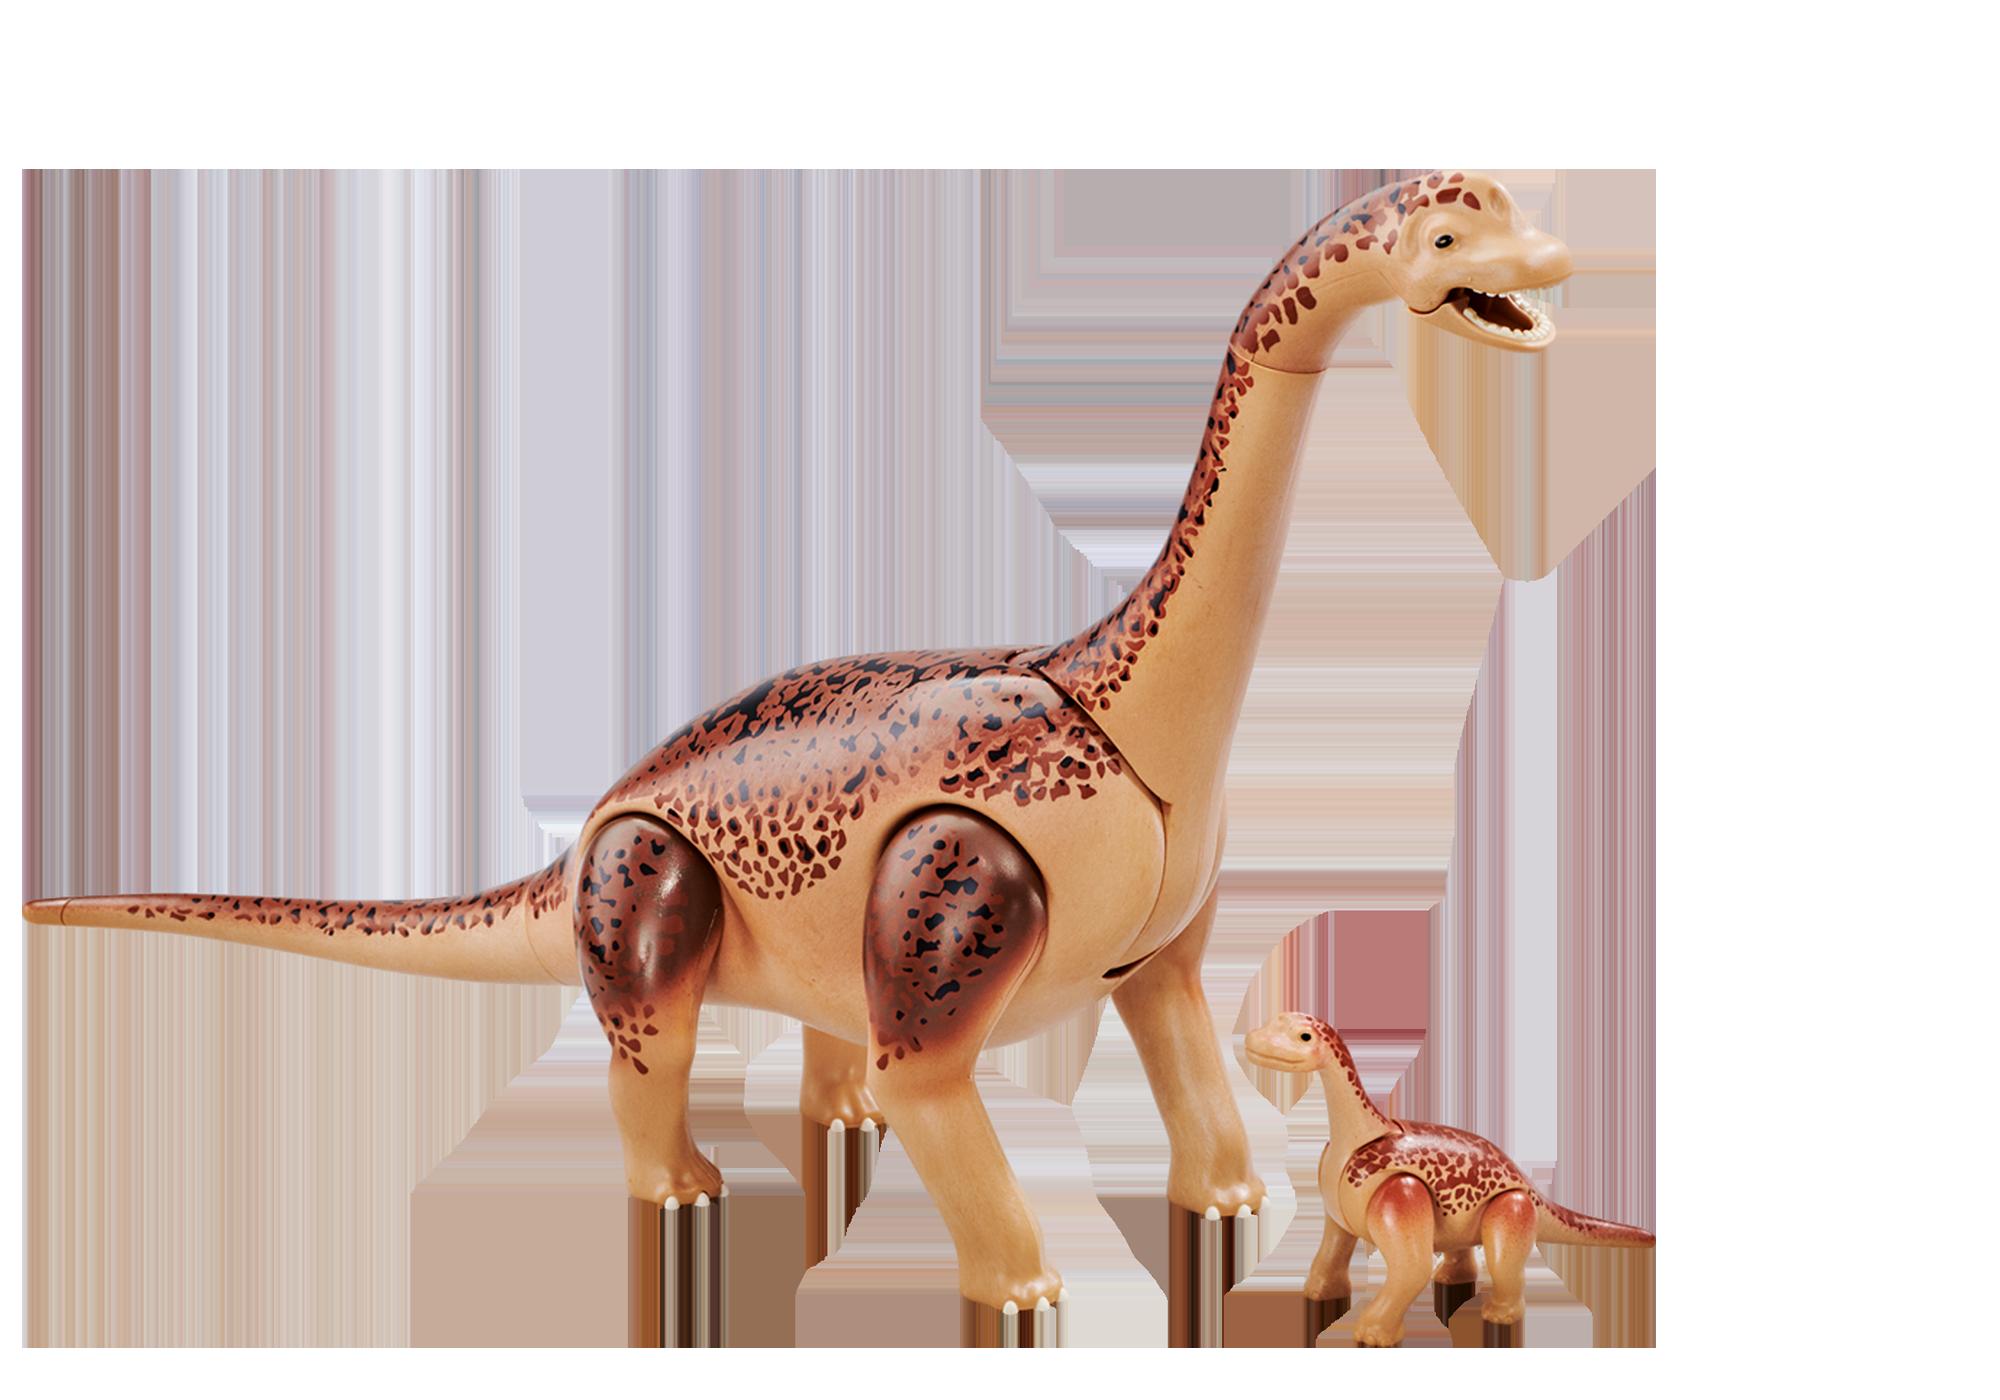 Brachiosaurus with baby